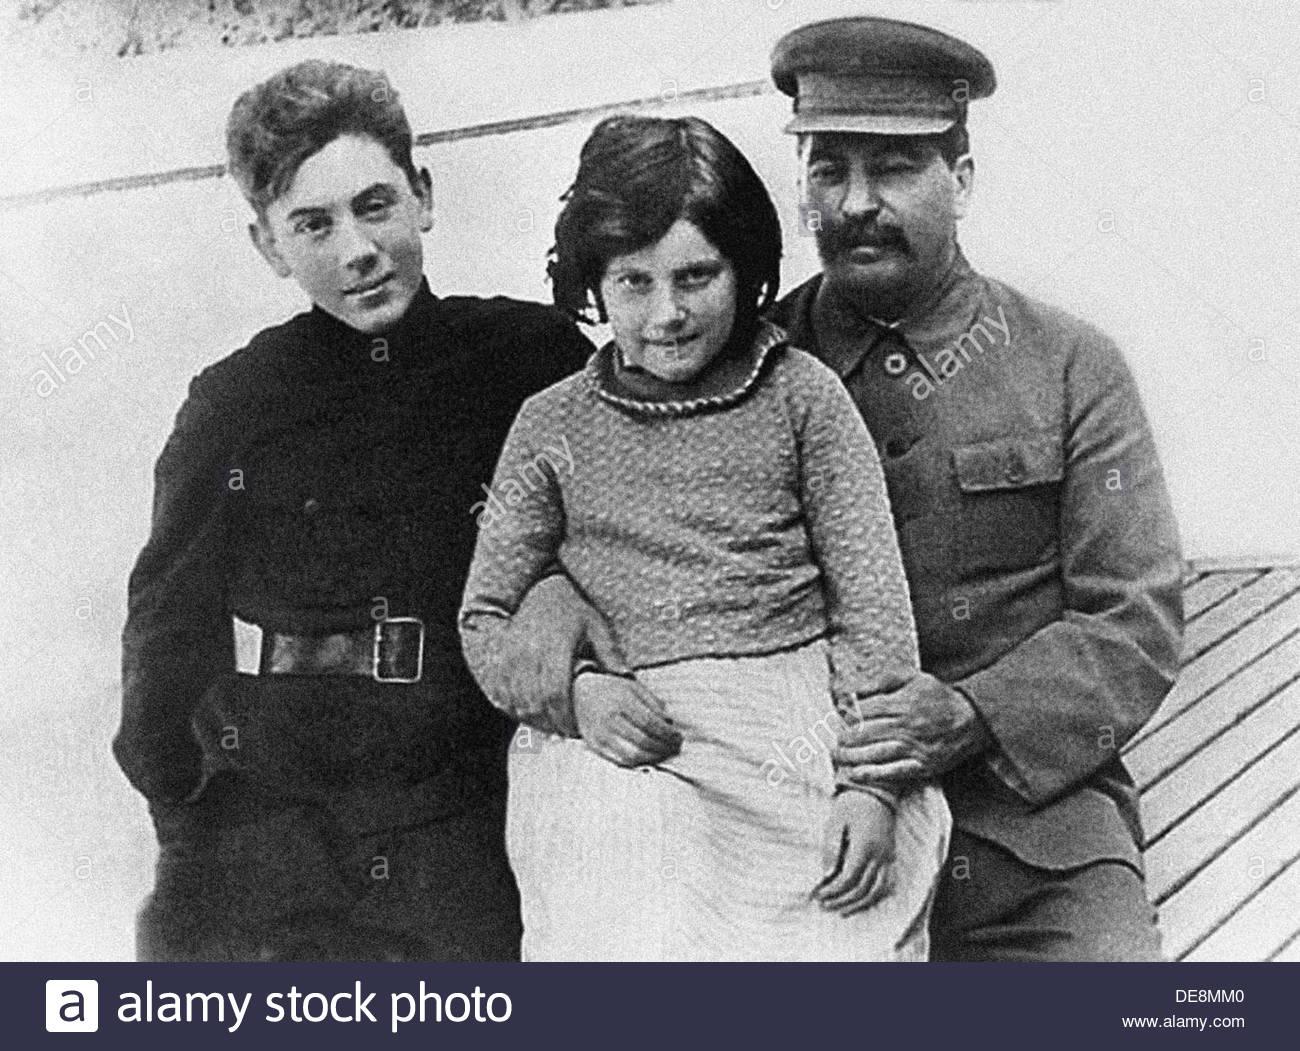 а.збруев актер его дети фото